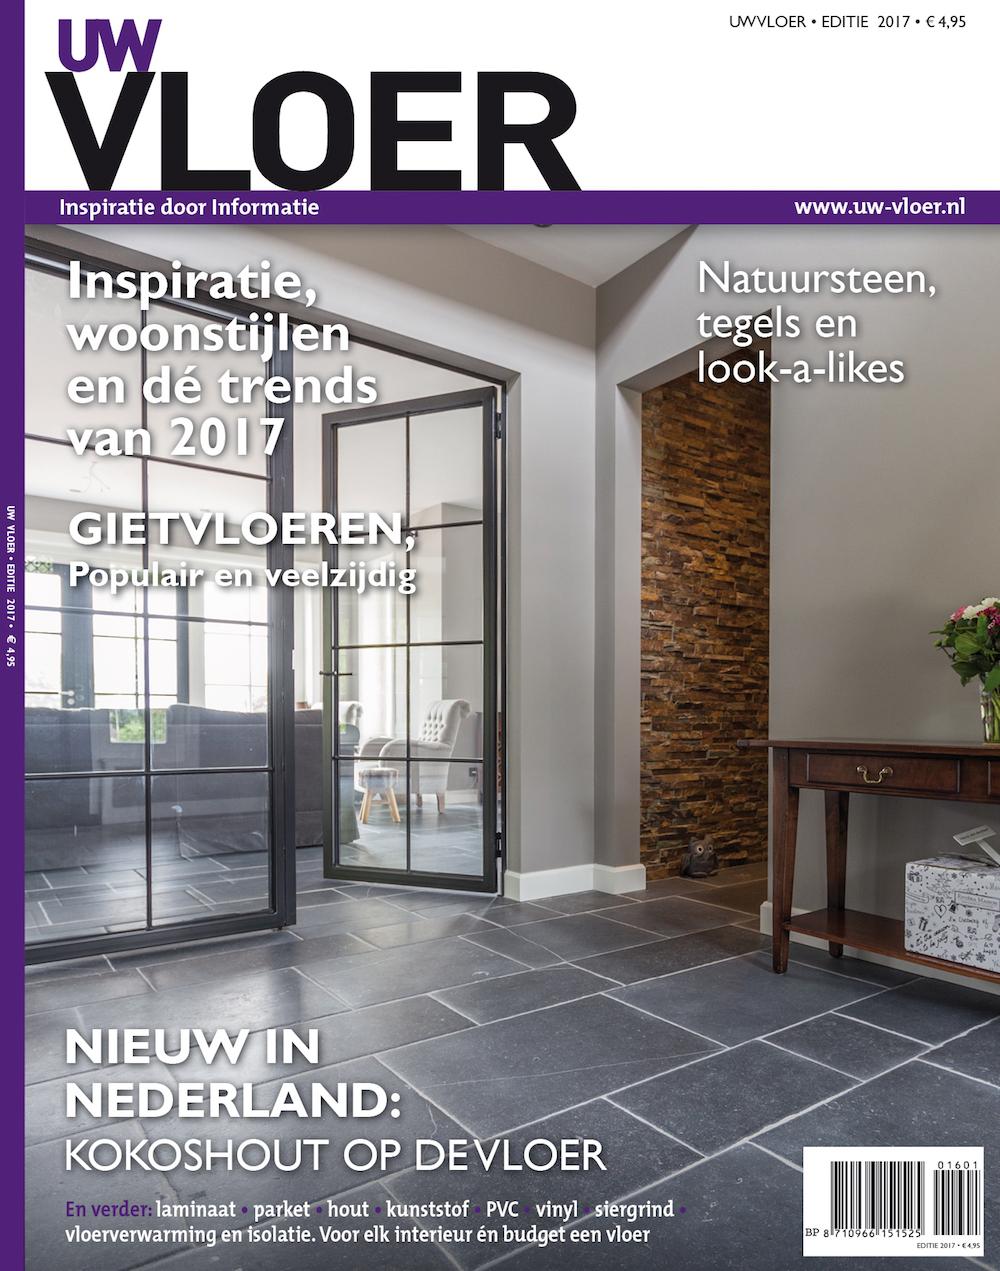 startpagina voor interieur en wonen ideeà n uw woonmagazine